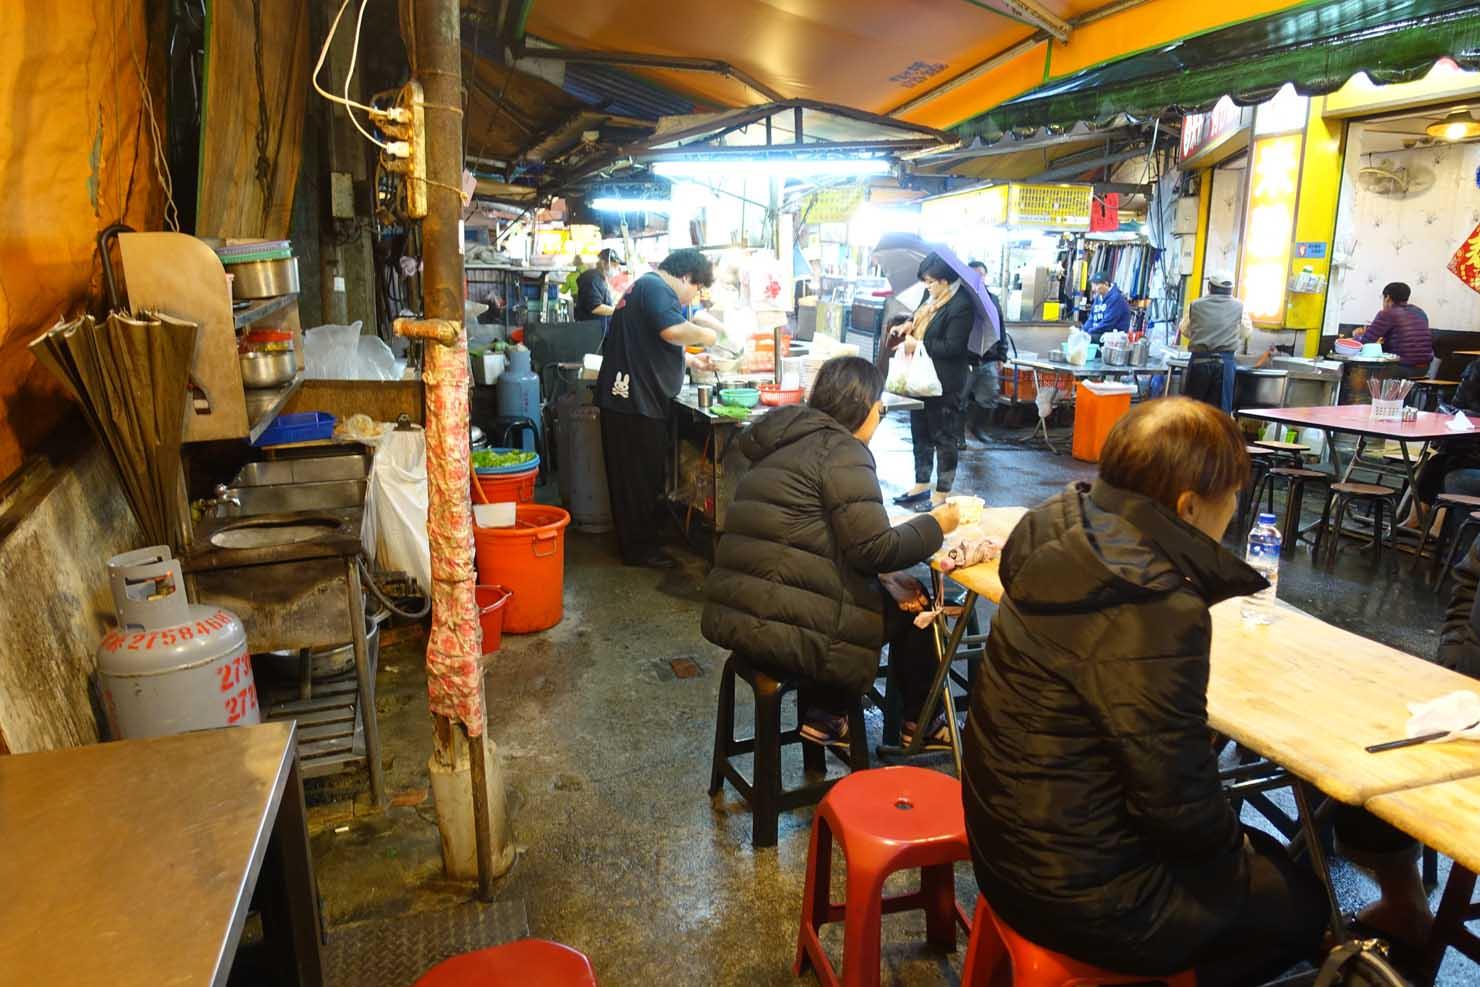 台北・臨江街夜市(通化夜市)のおすすめグルメ屋台「阿吉雞蛋蚵仔煎」の店内